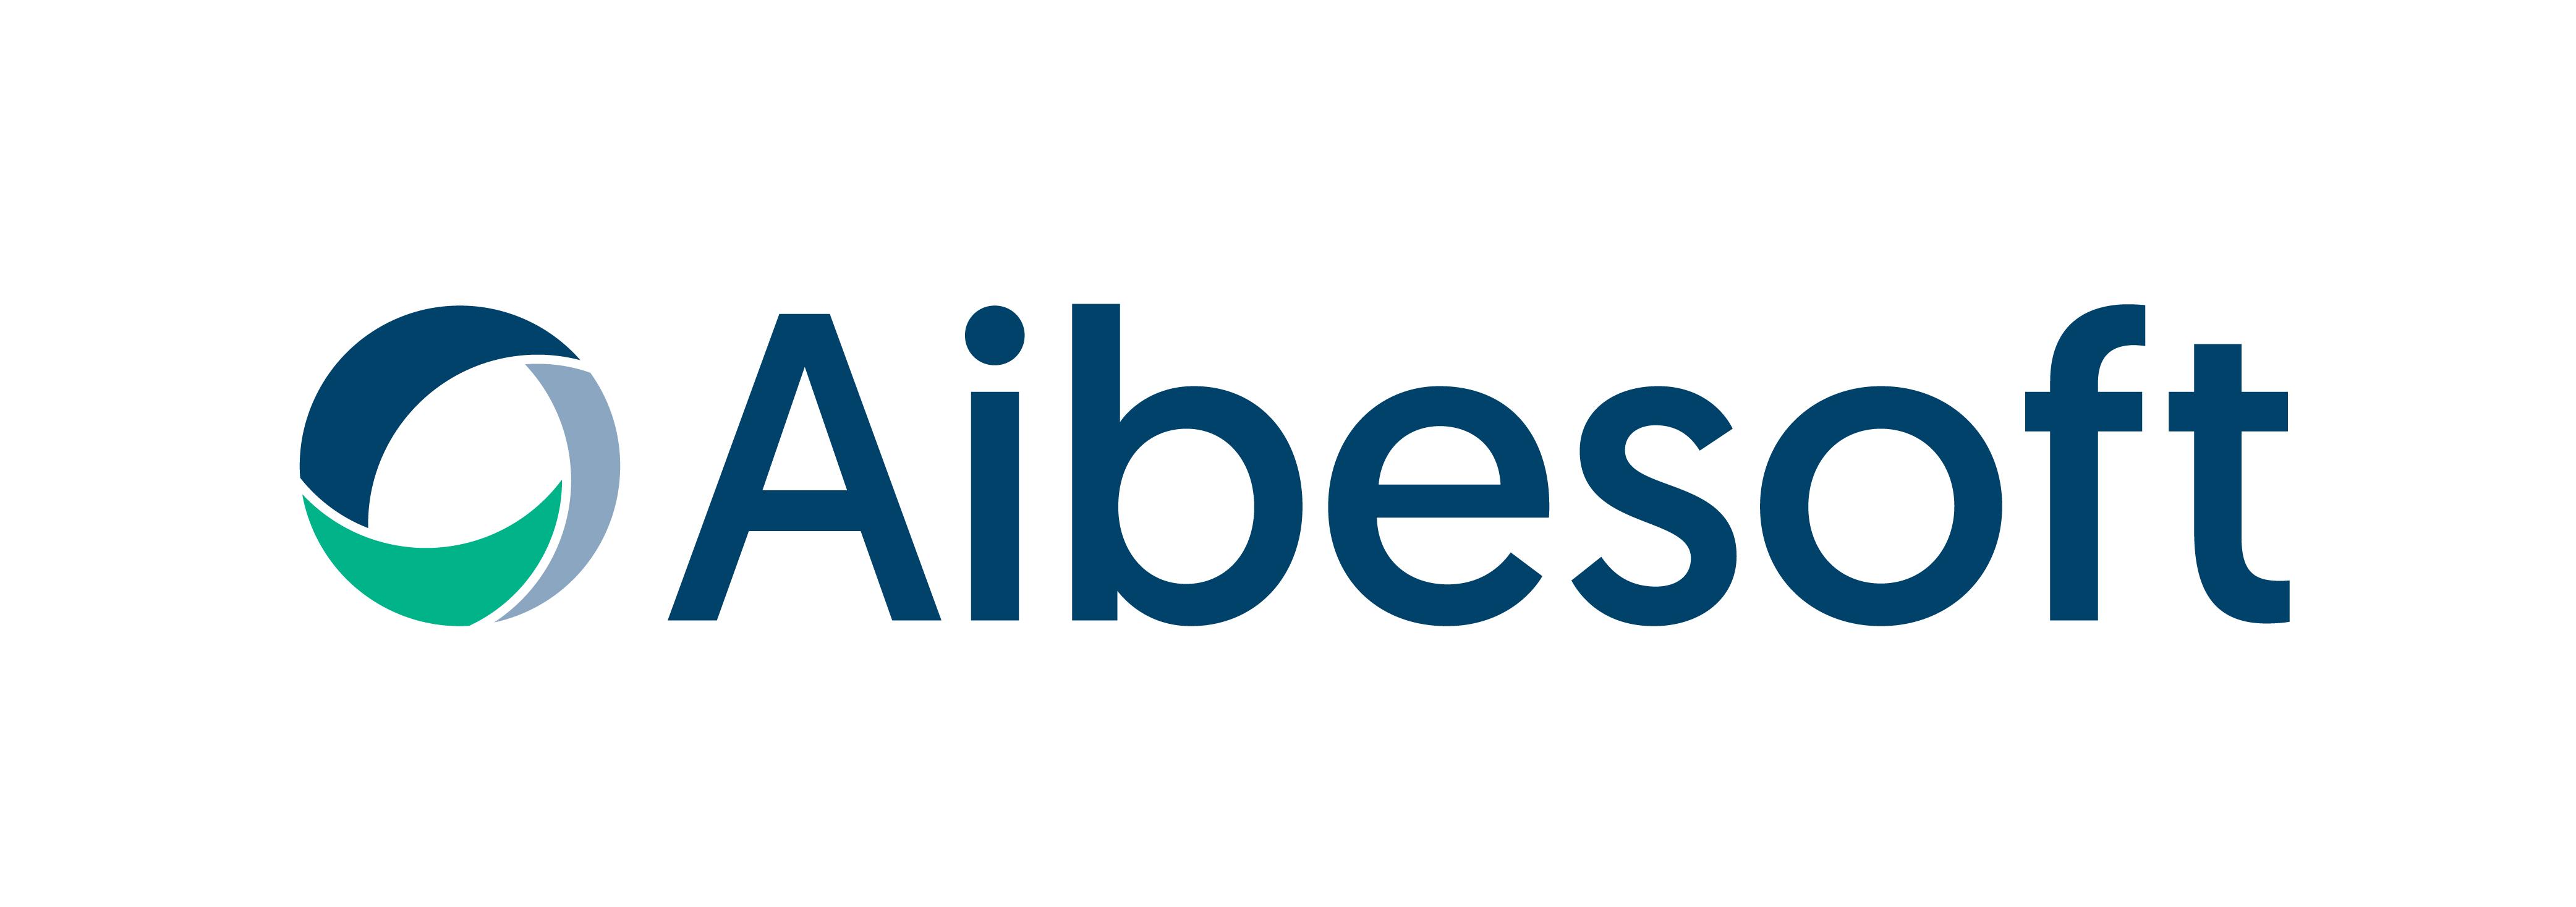 https://www.aibeformacion.com/wp-content/uploads/2020/07/Logo-Aibesoft-RGB-Horizontal-Fondo-Blanco.jpg